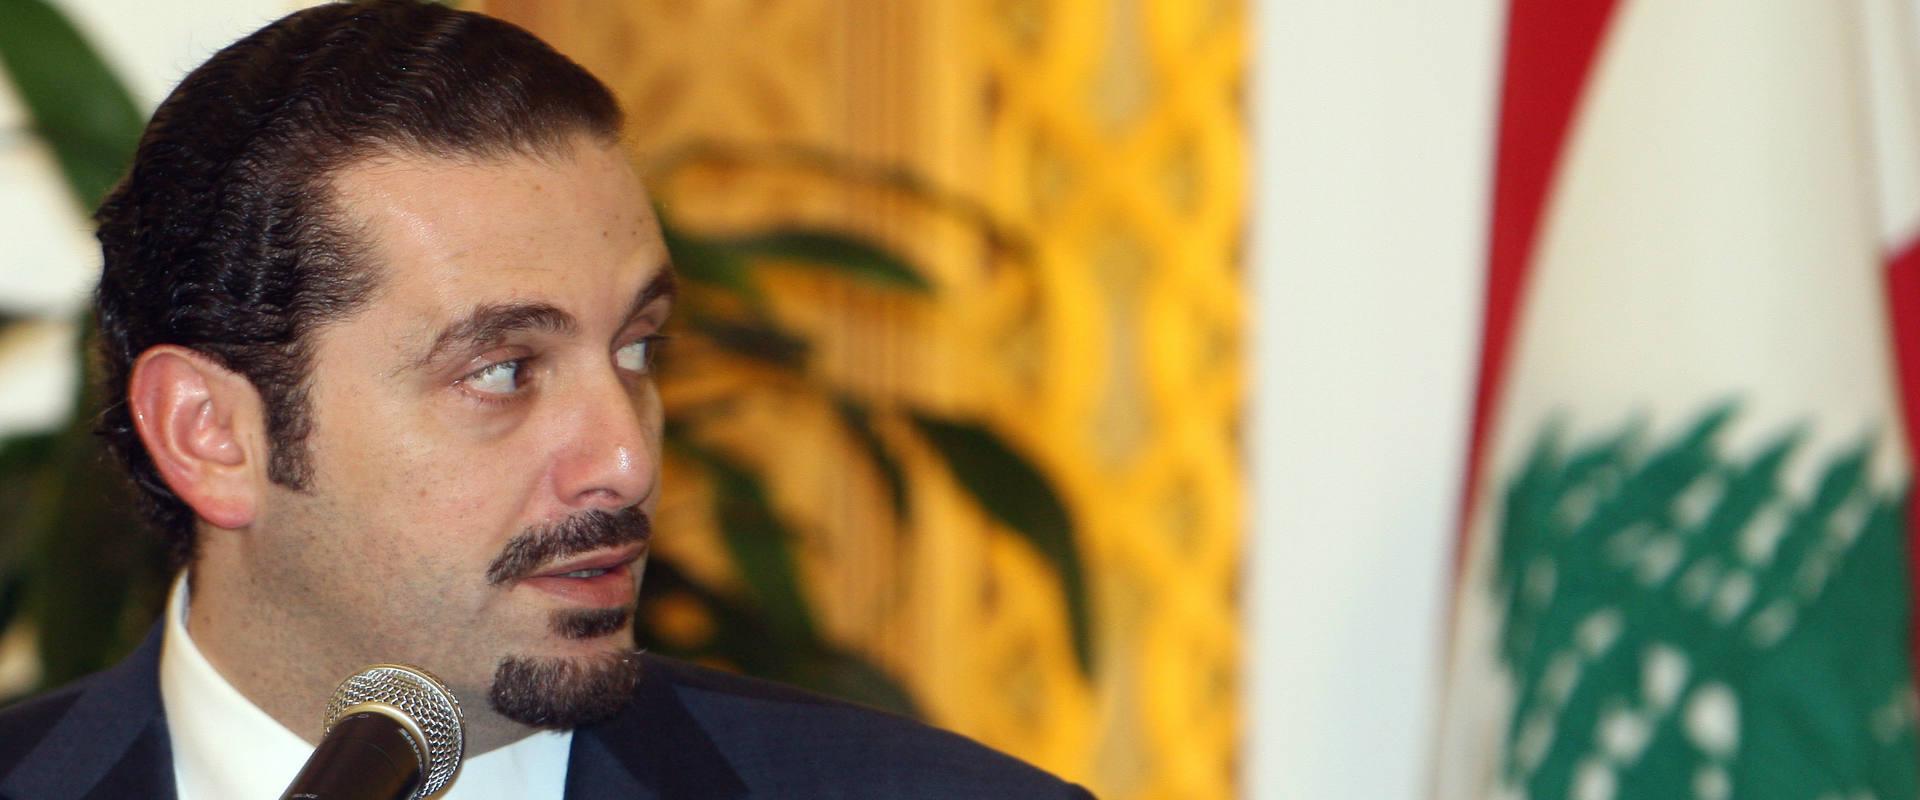 ראש ממשלת לבנון המתפטר, סעד אל-חרירי